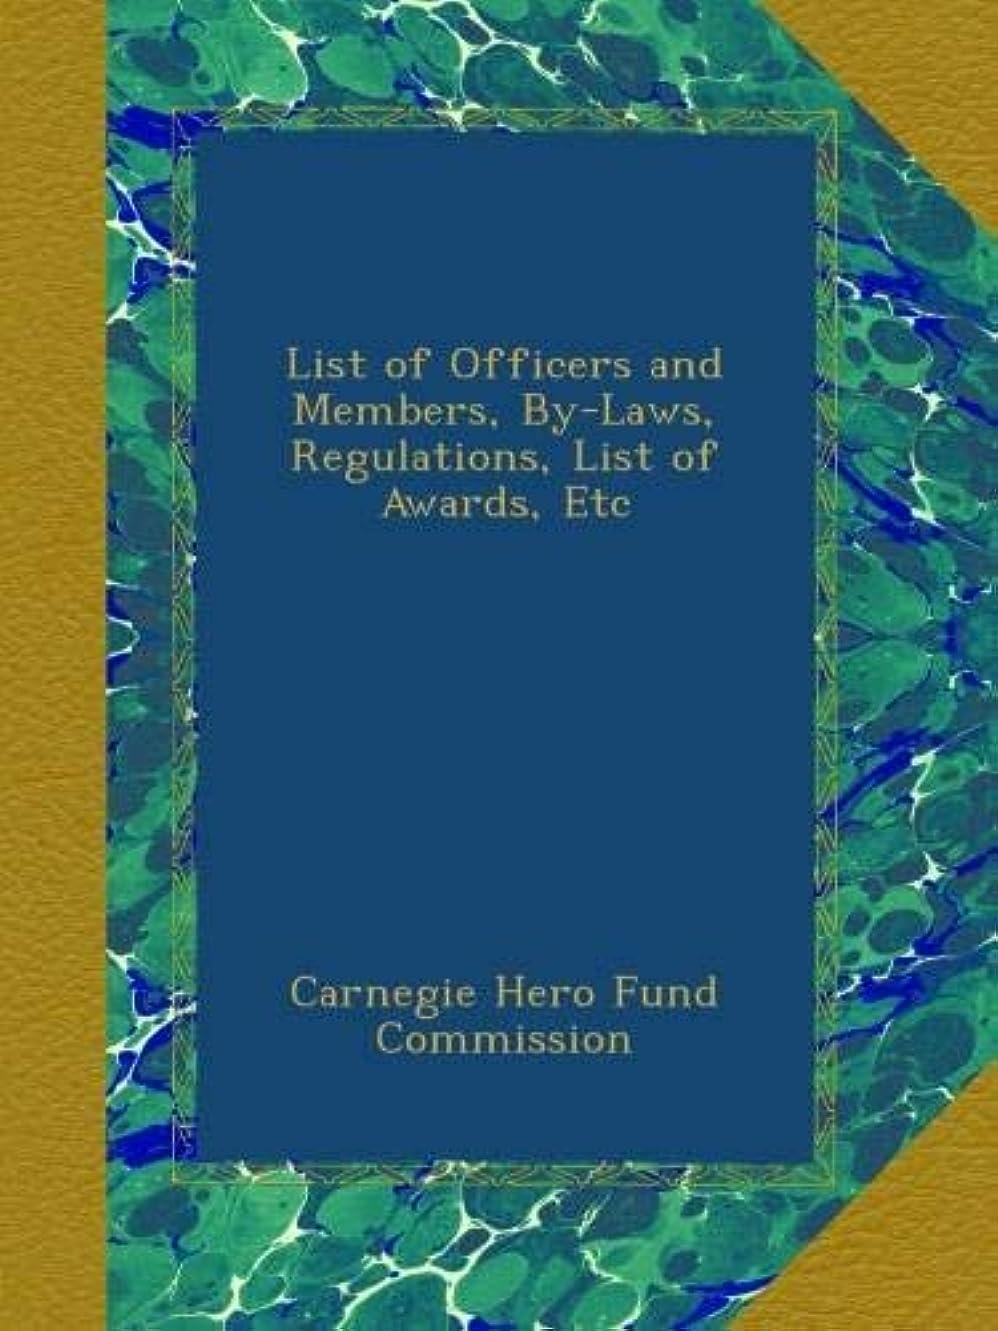 日焼け意外ヘビList of Officers and Members, By-Laws, Regulations, List of Awards, Etc